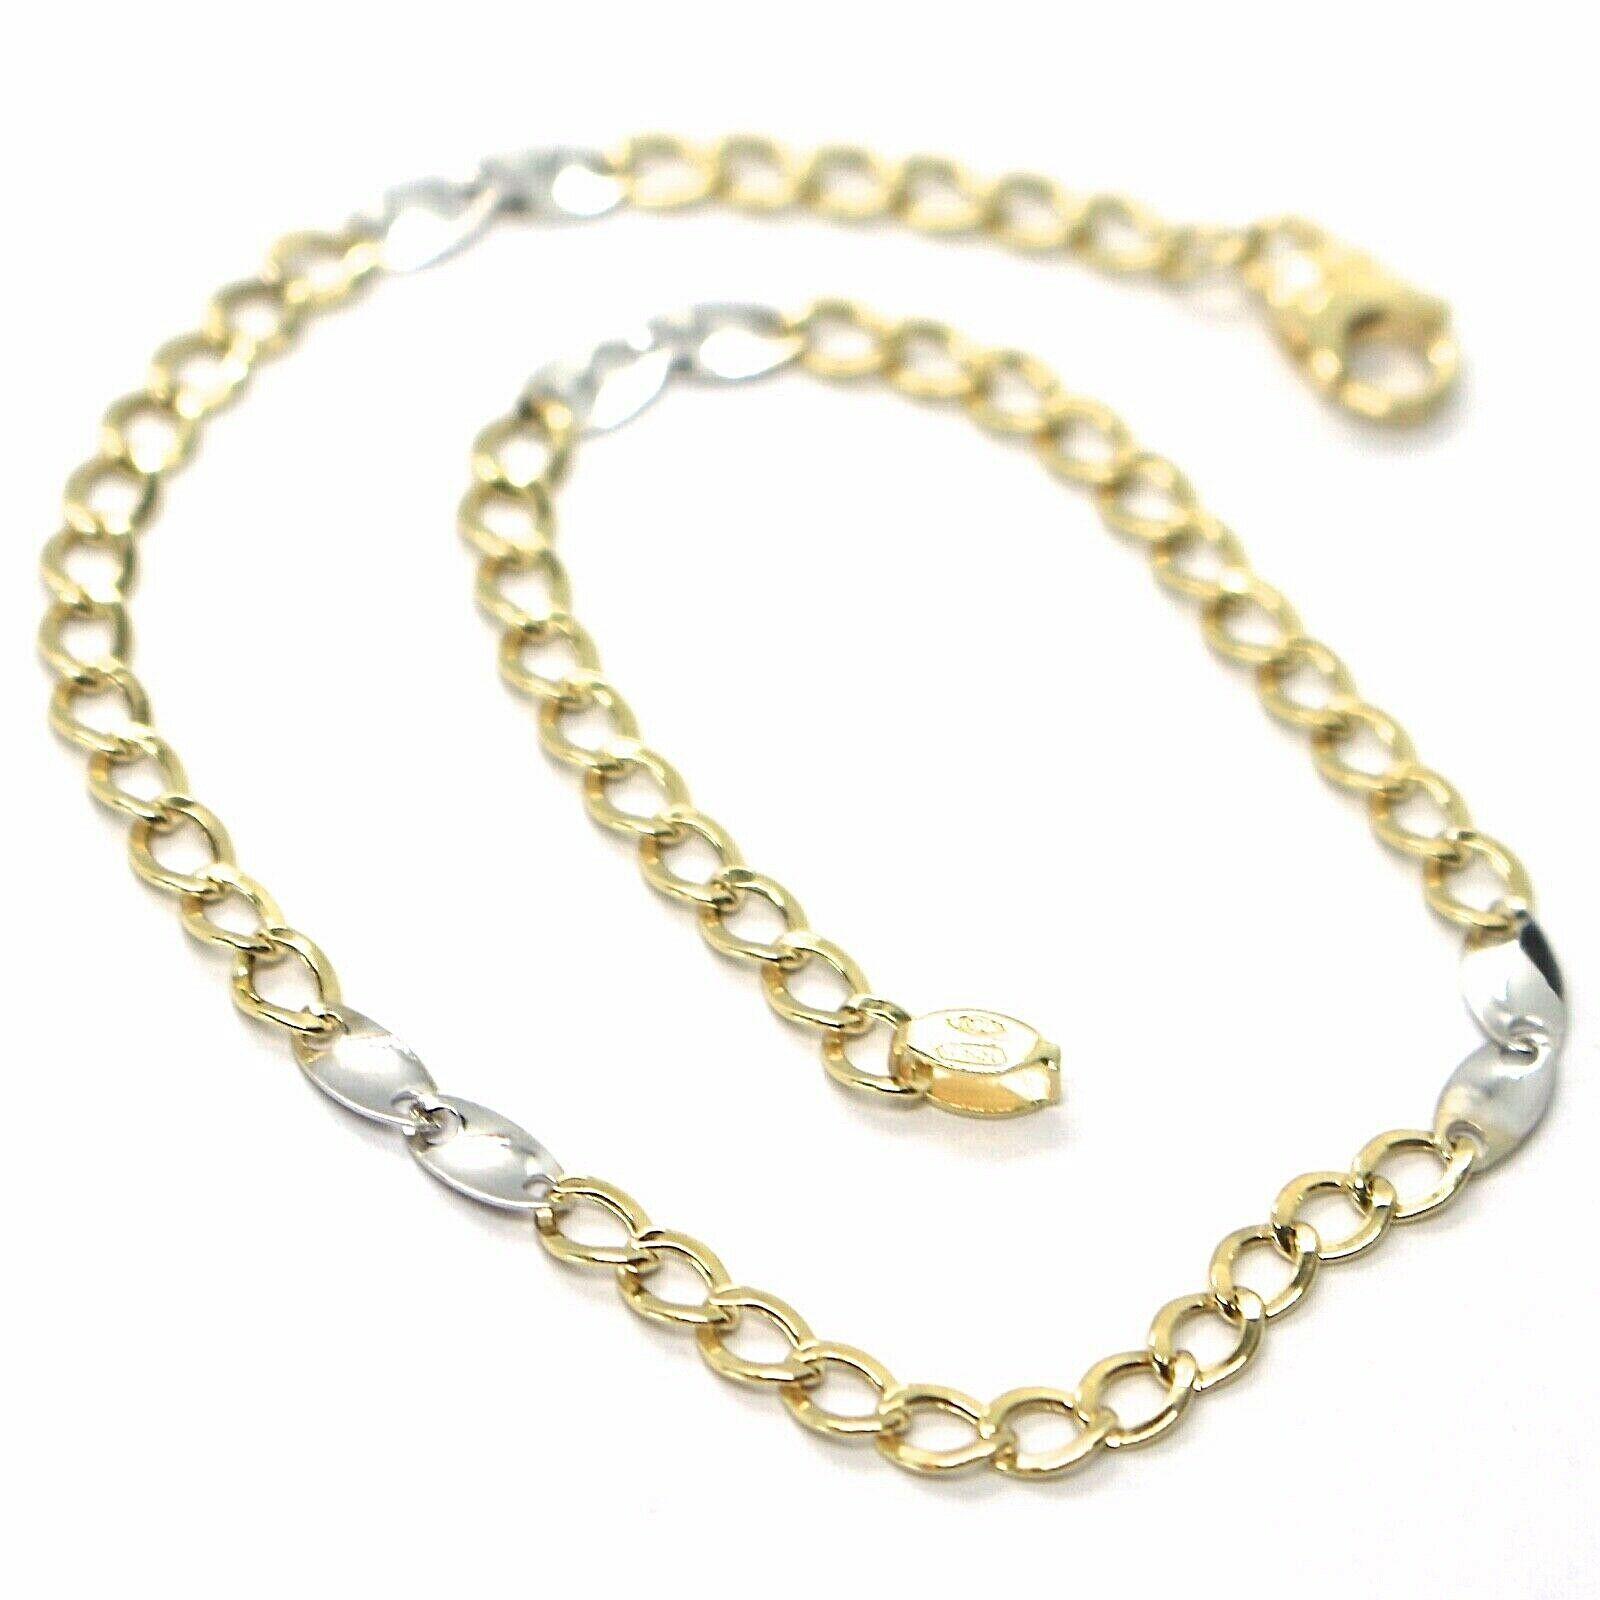 Armband Gelbgold und Weiß 18K 750, Curb Chain Damen Doppelt Ovale Abwechselnde,